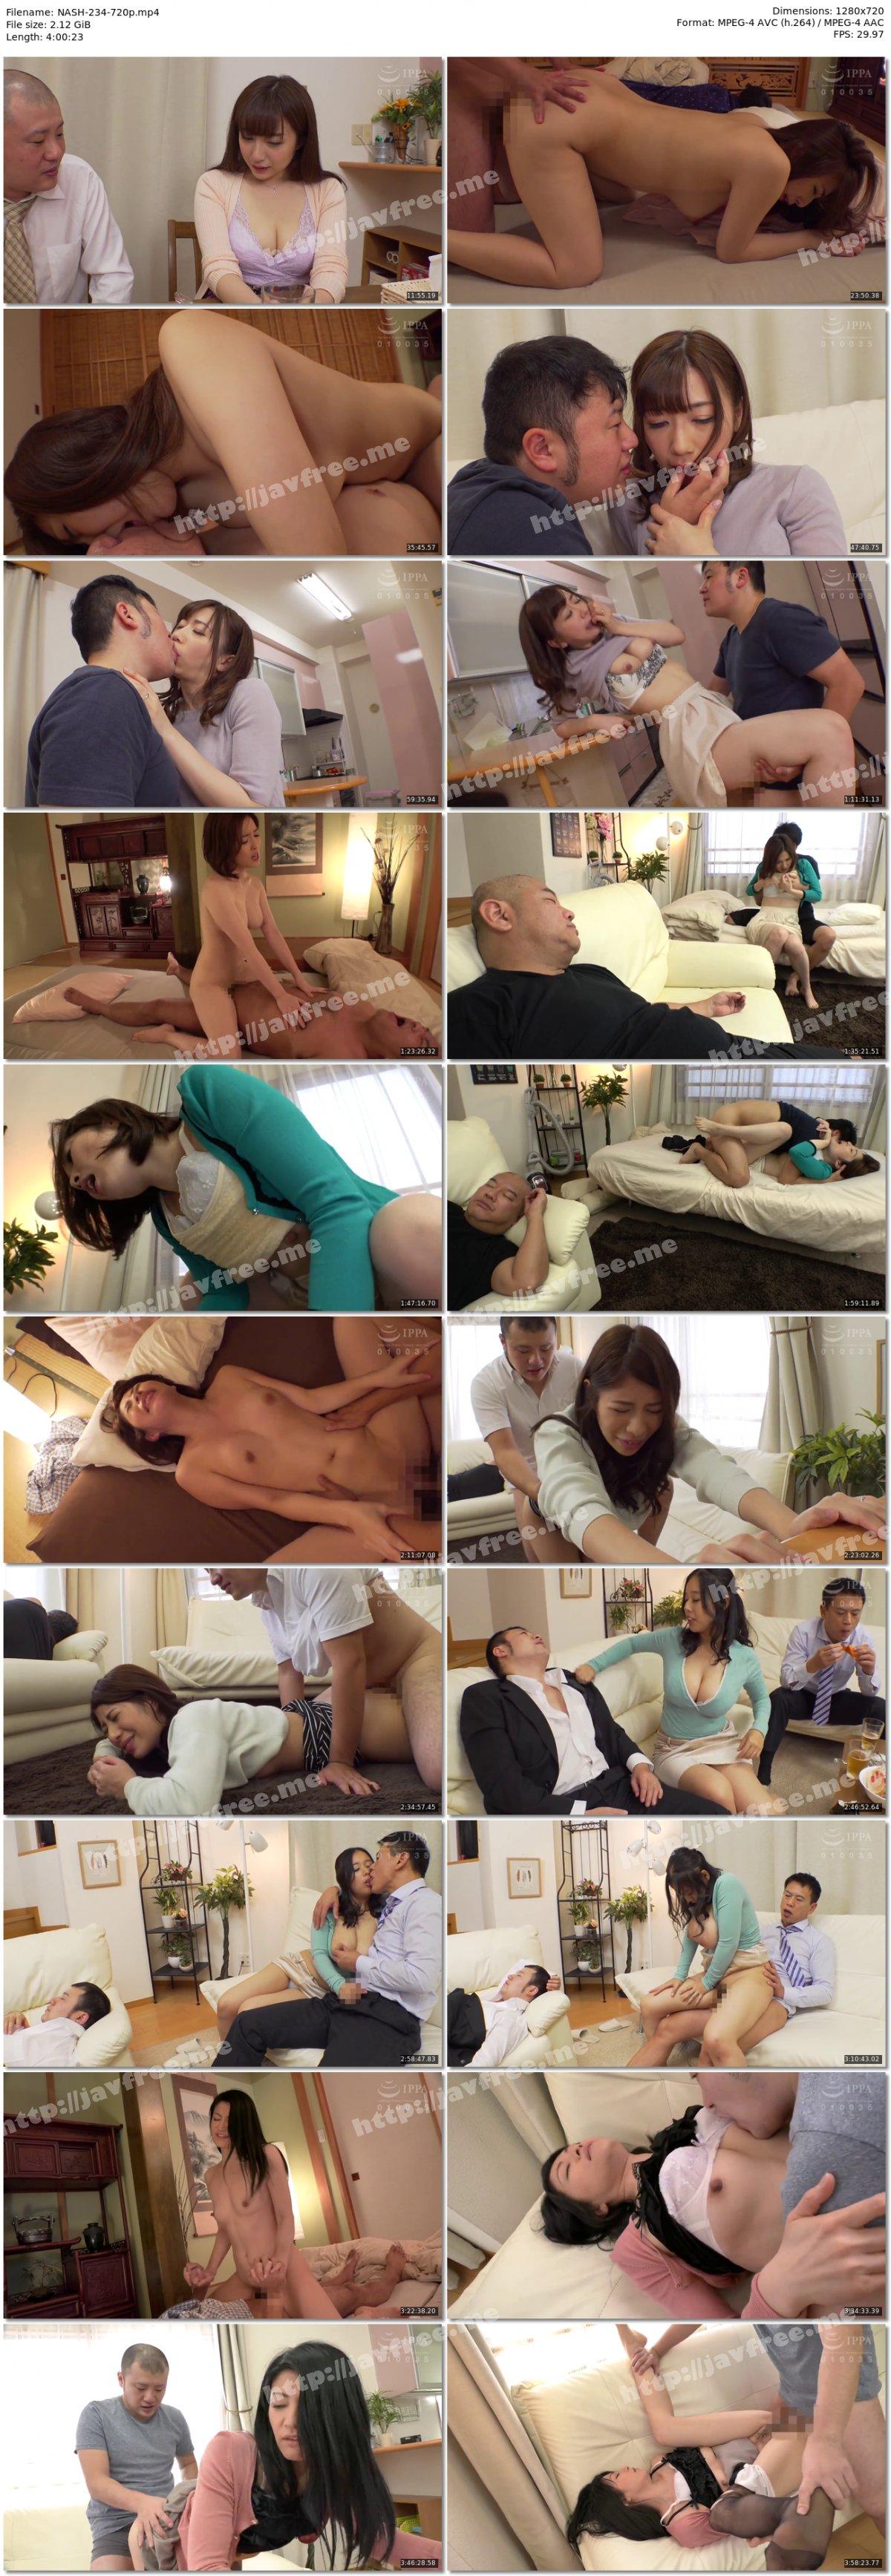 [HD][XRW-826] 彼氏と喧嘩してご近所のお姉さんに相談してからの4日間 枢木あおい・美咲かんな - image NASH-234-720p on https://javfree.me